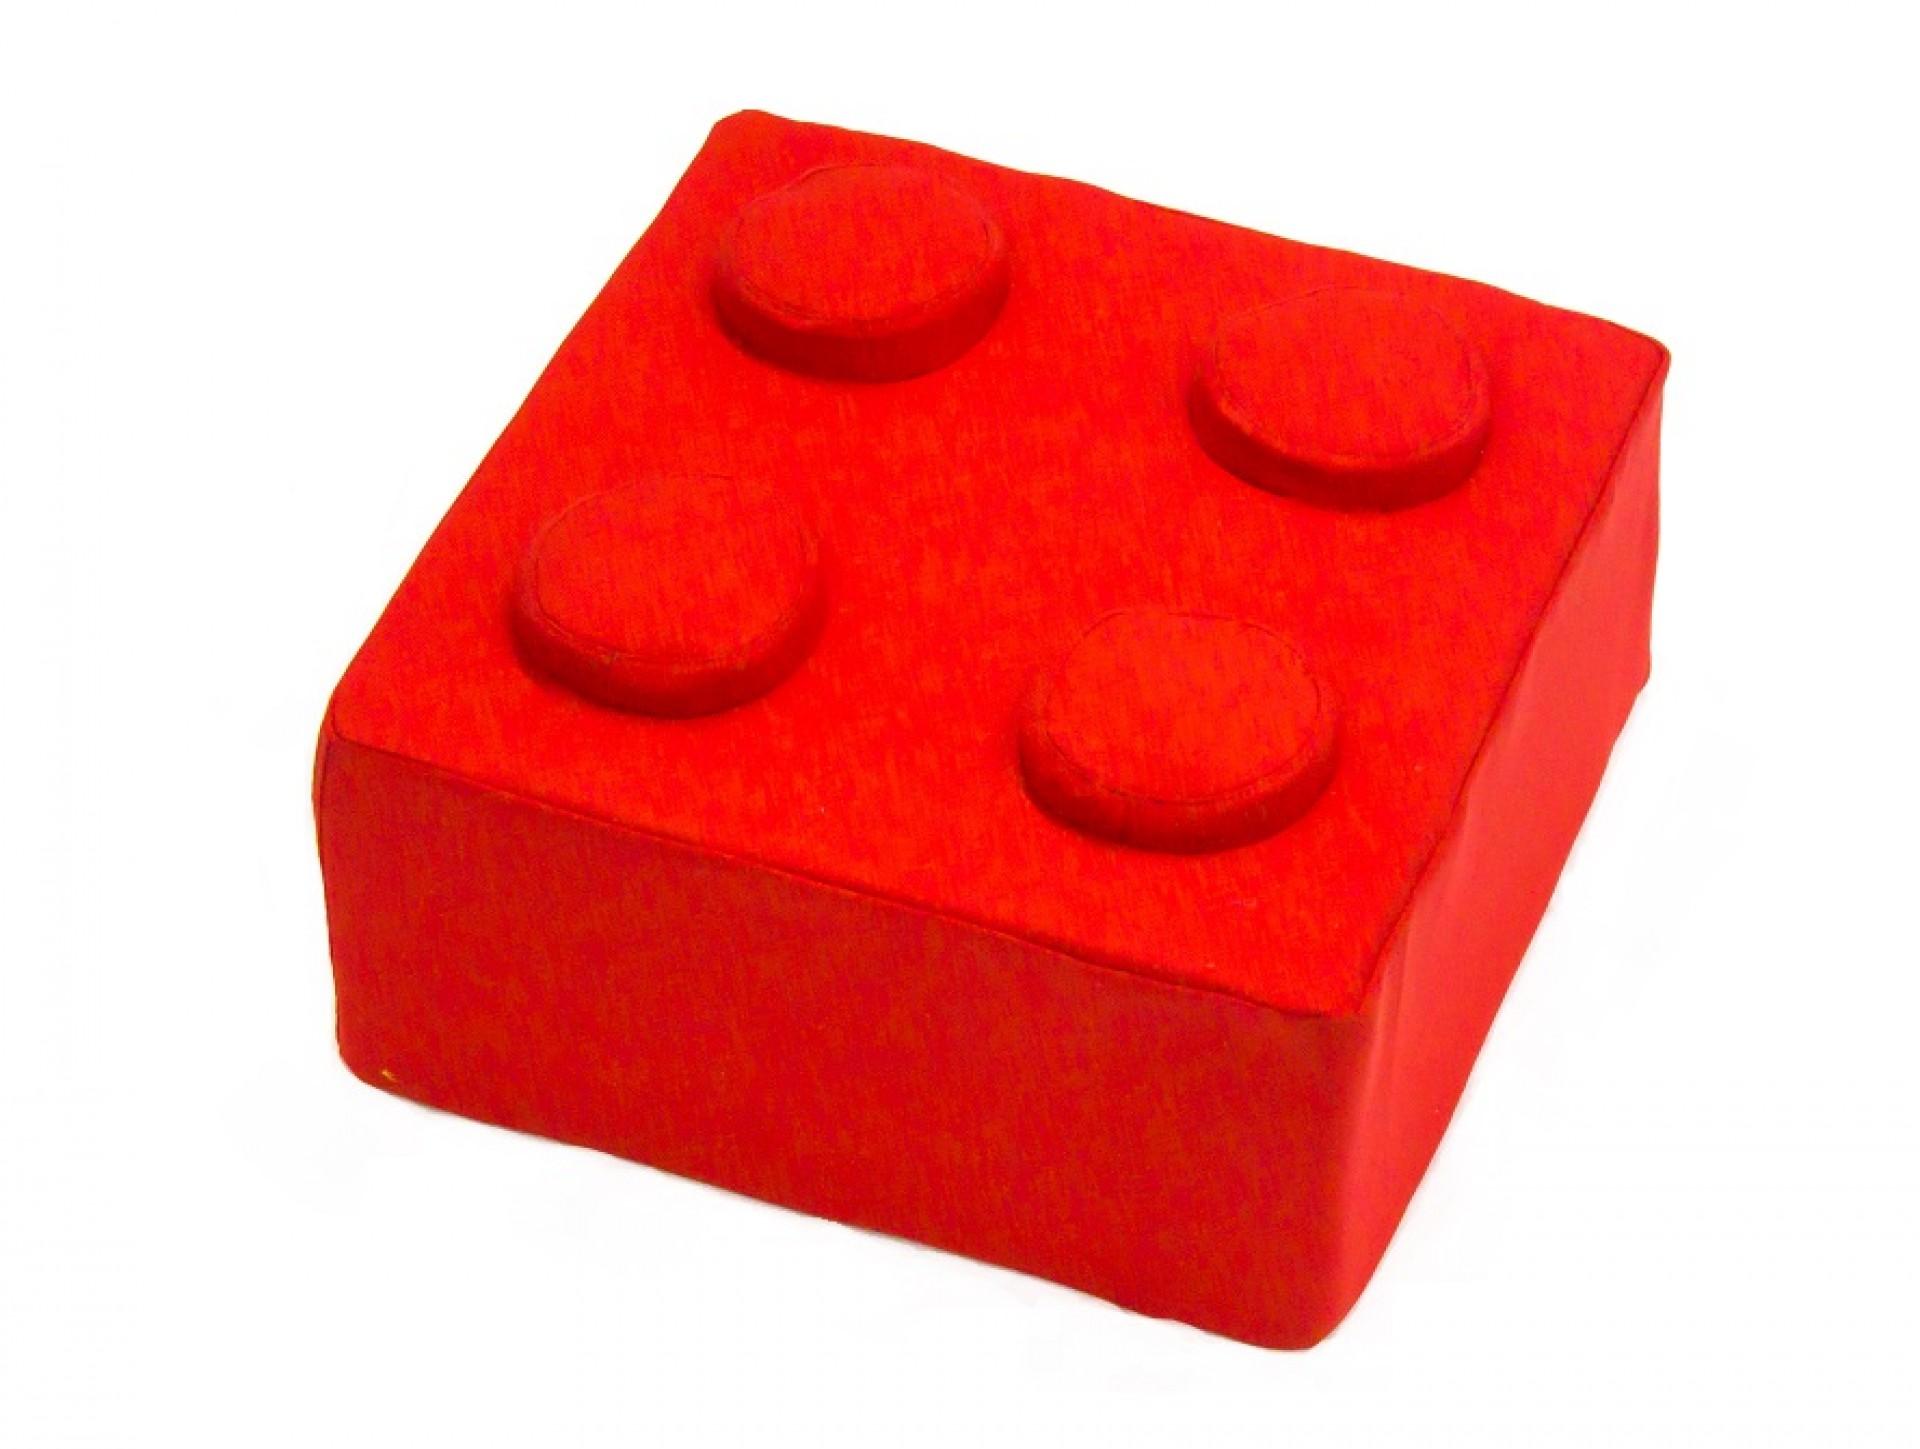 Лего-пуф малый приобрести в Томске